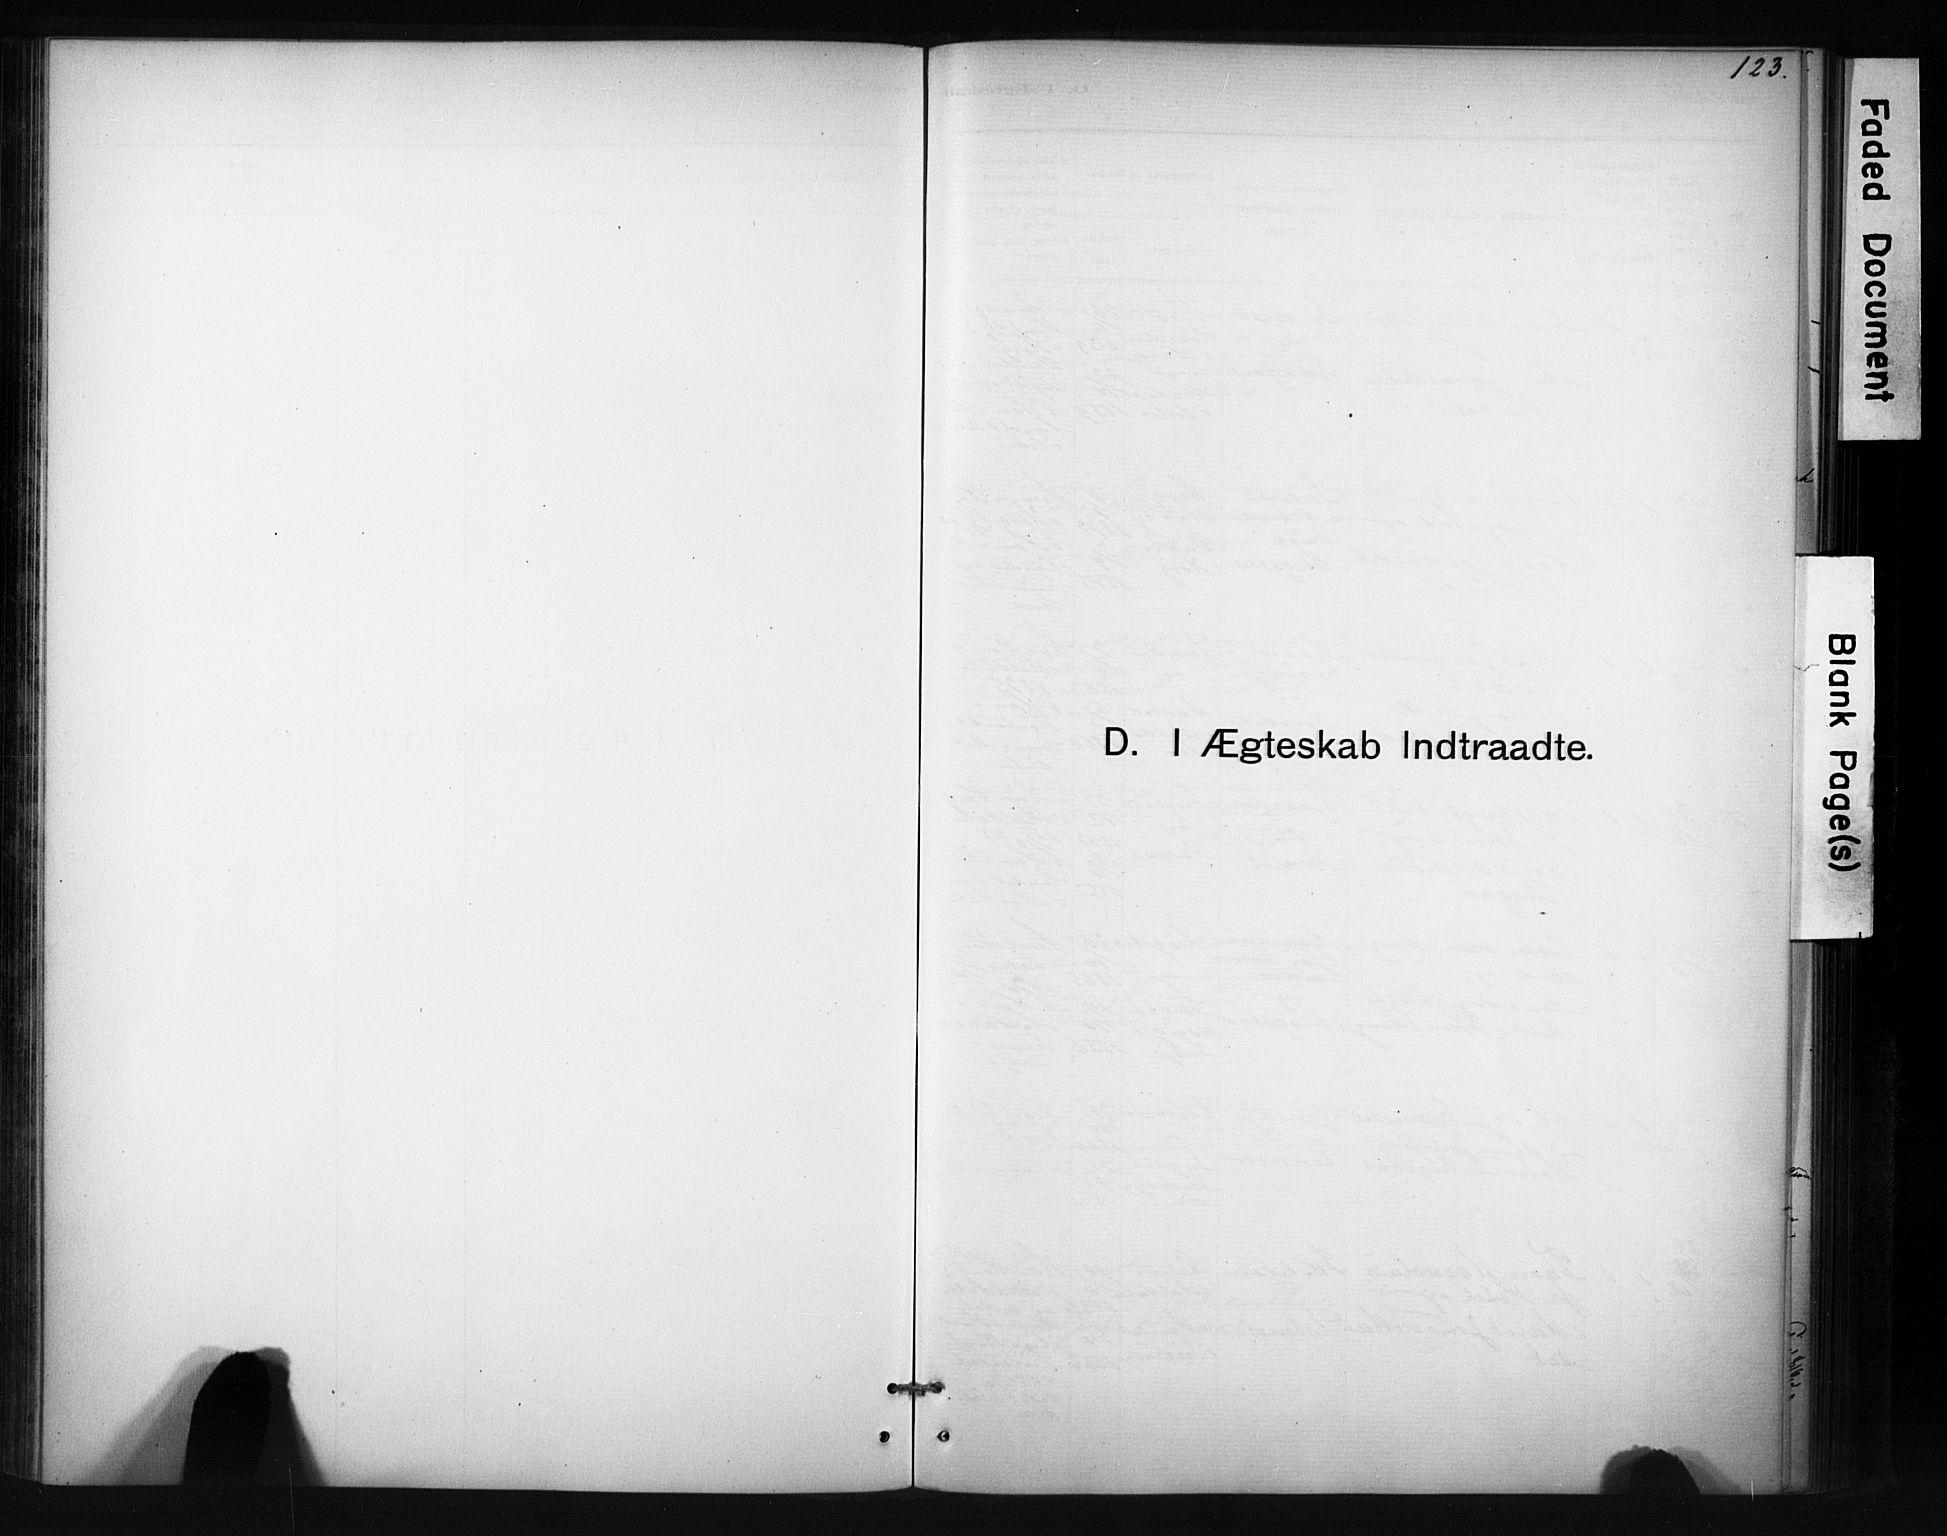 SAT, Ministerialprotokoller, klokkerbøker og fødselsregistre - Sør-Trøndelag, 694/L1127: Ministerialbok nr. 694A01, 1887-1905, s. 123